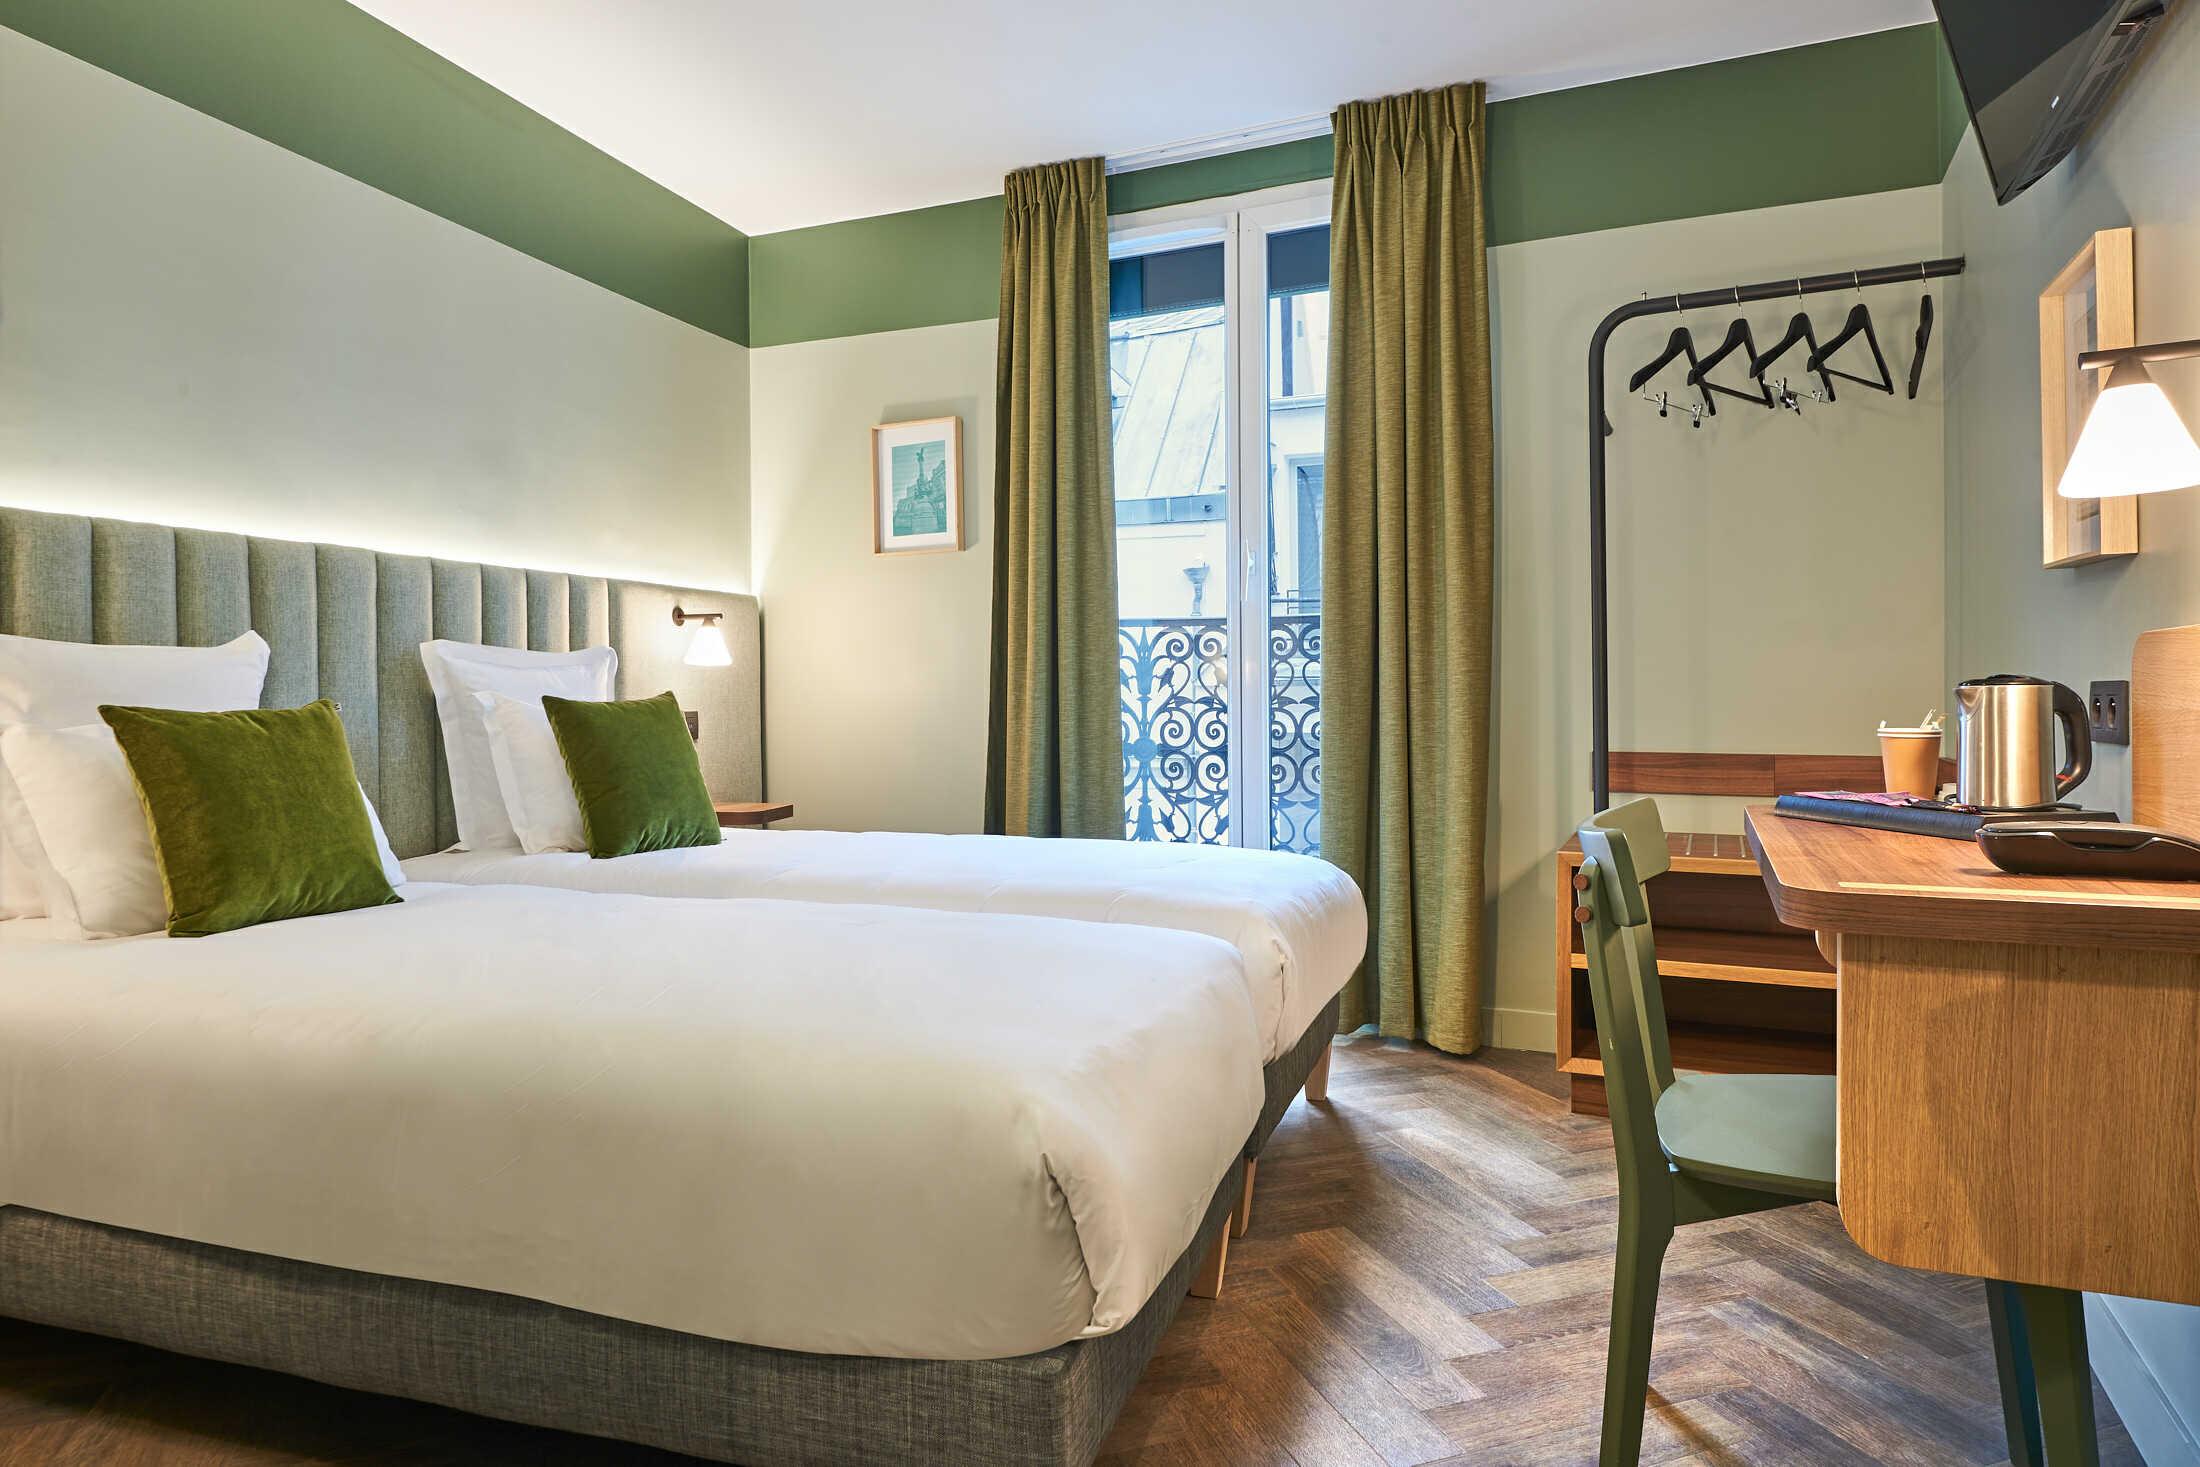 lhotel-10-opera-paris-a-ouvert-le-1er-fevrier